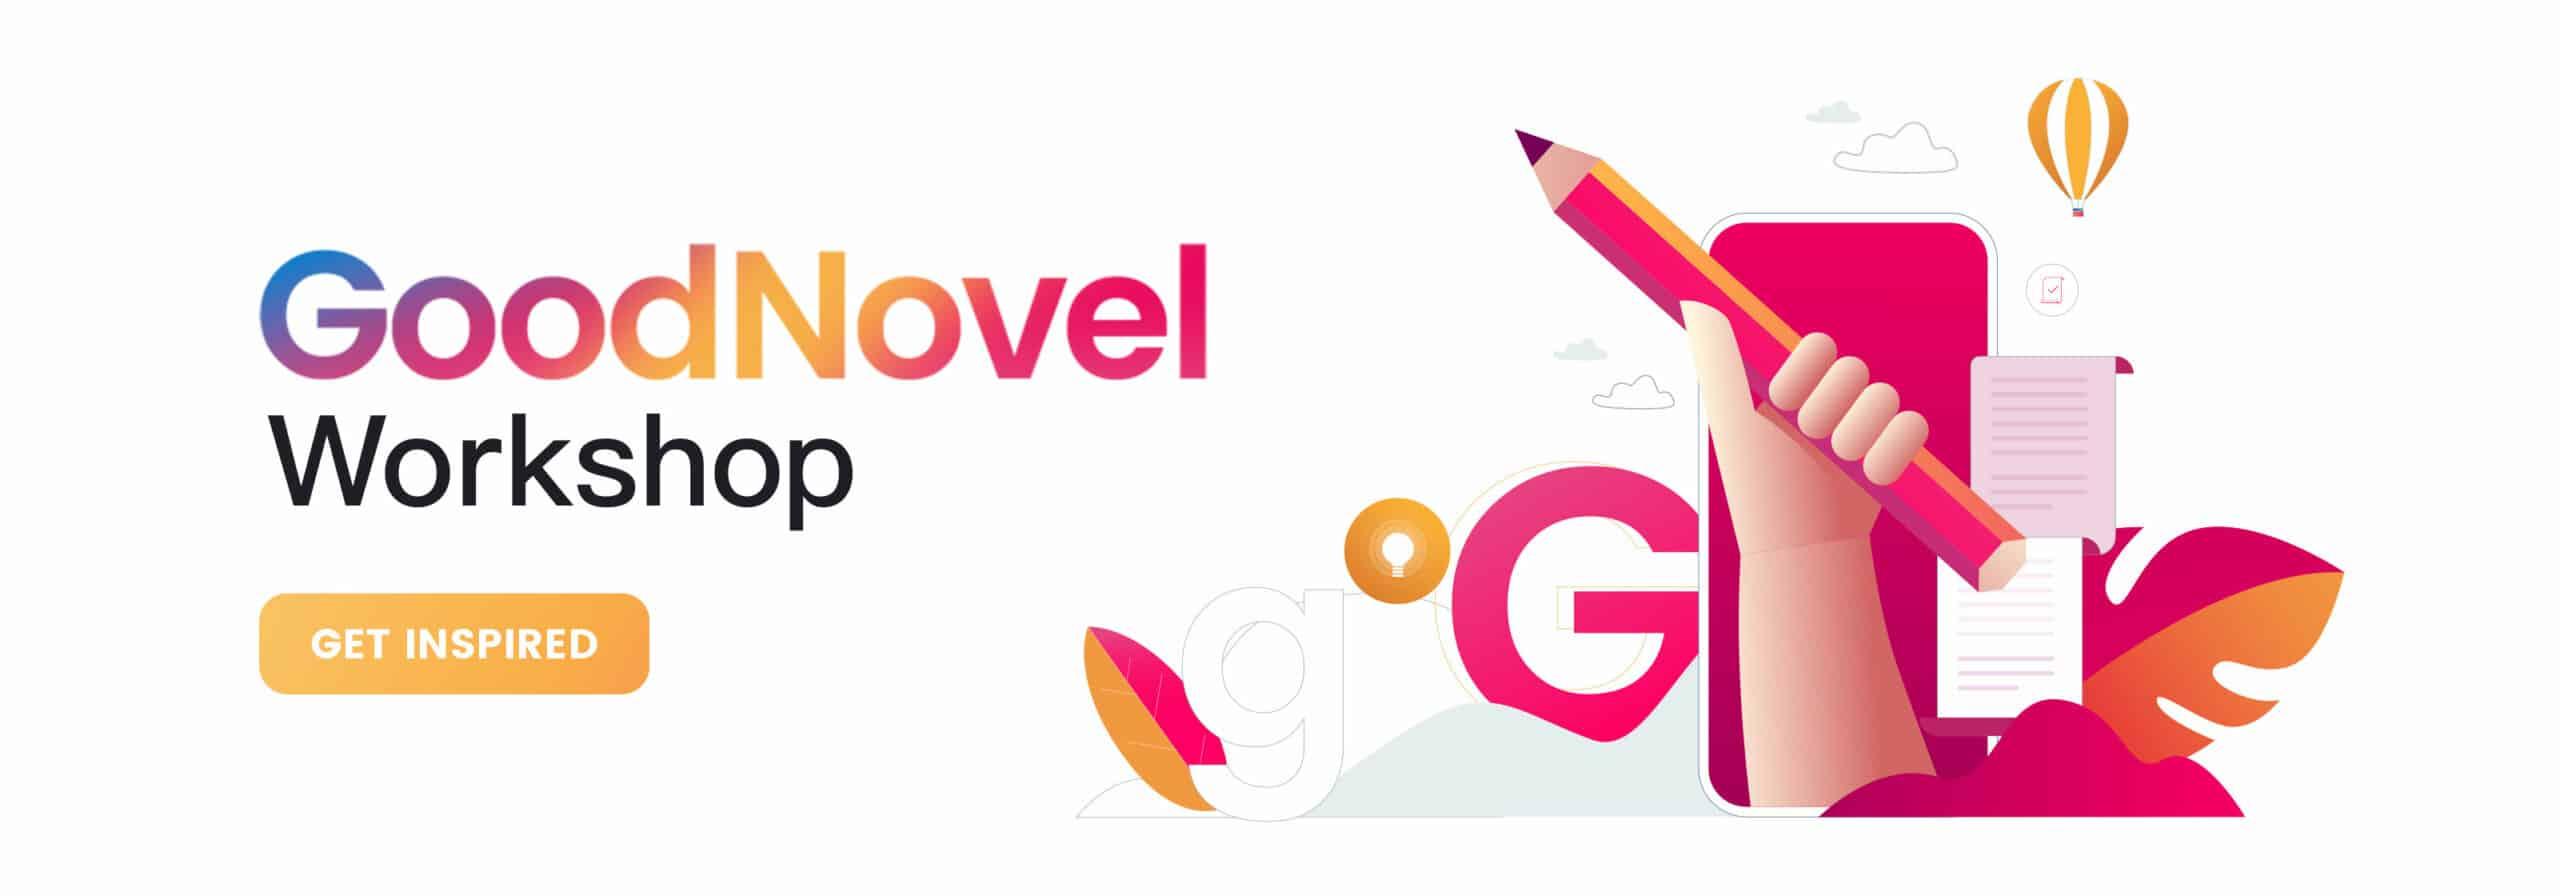 Sekilas-tentang-GoodNovel-Apk